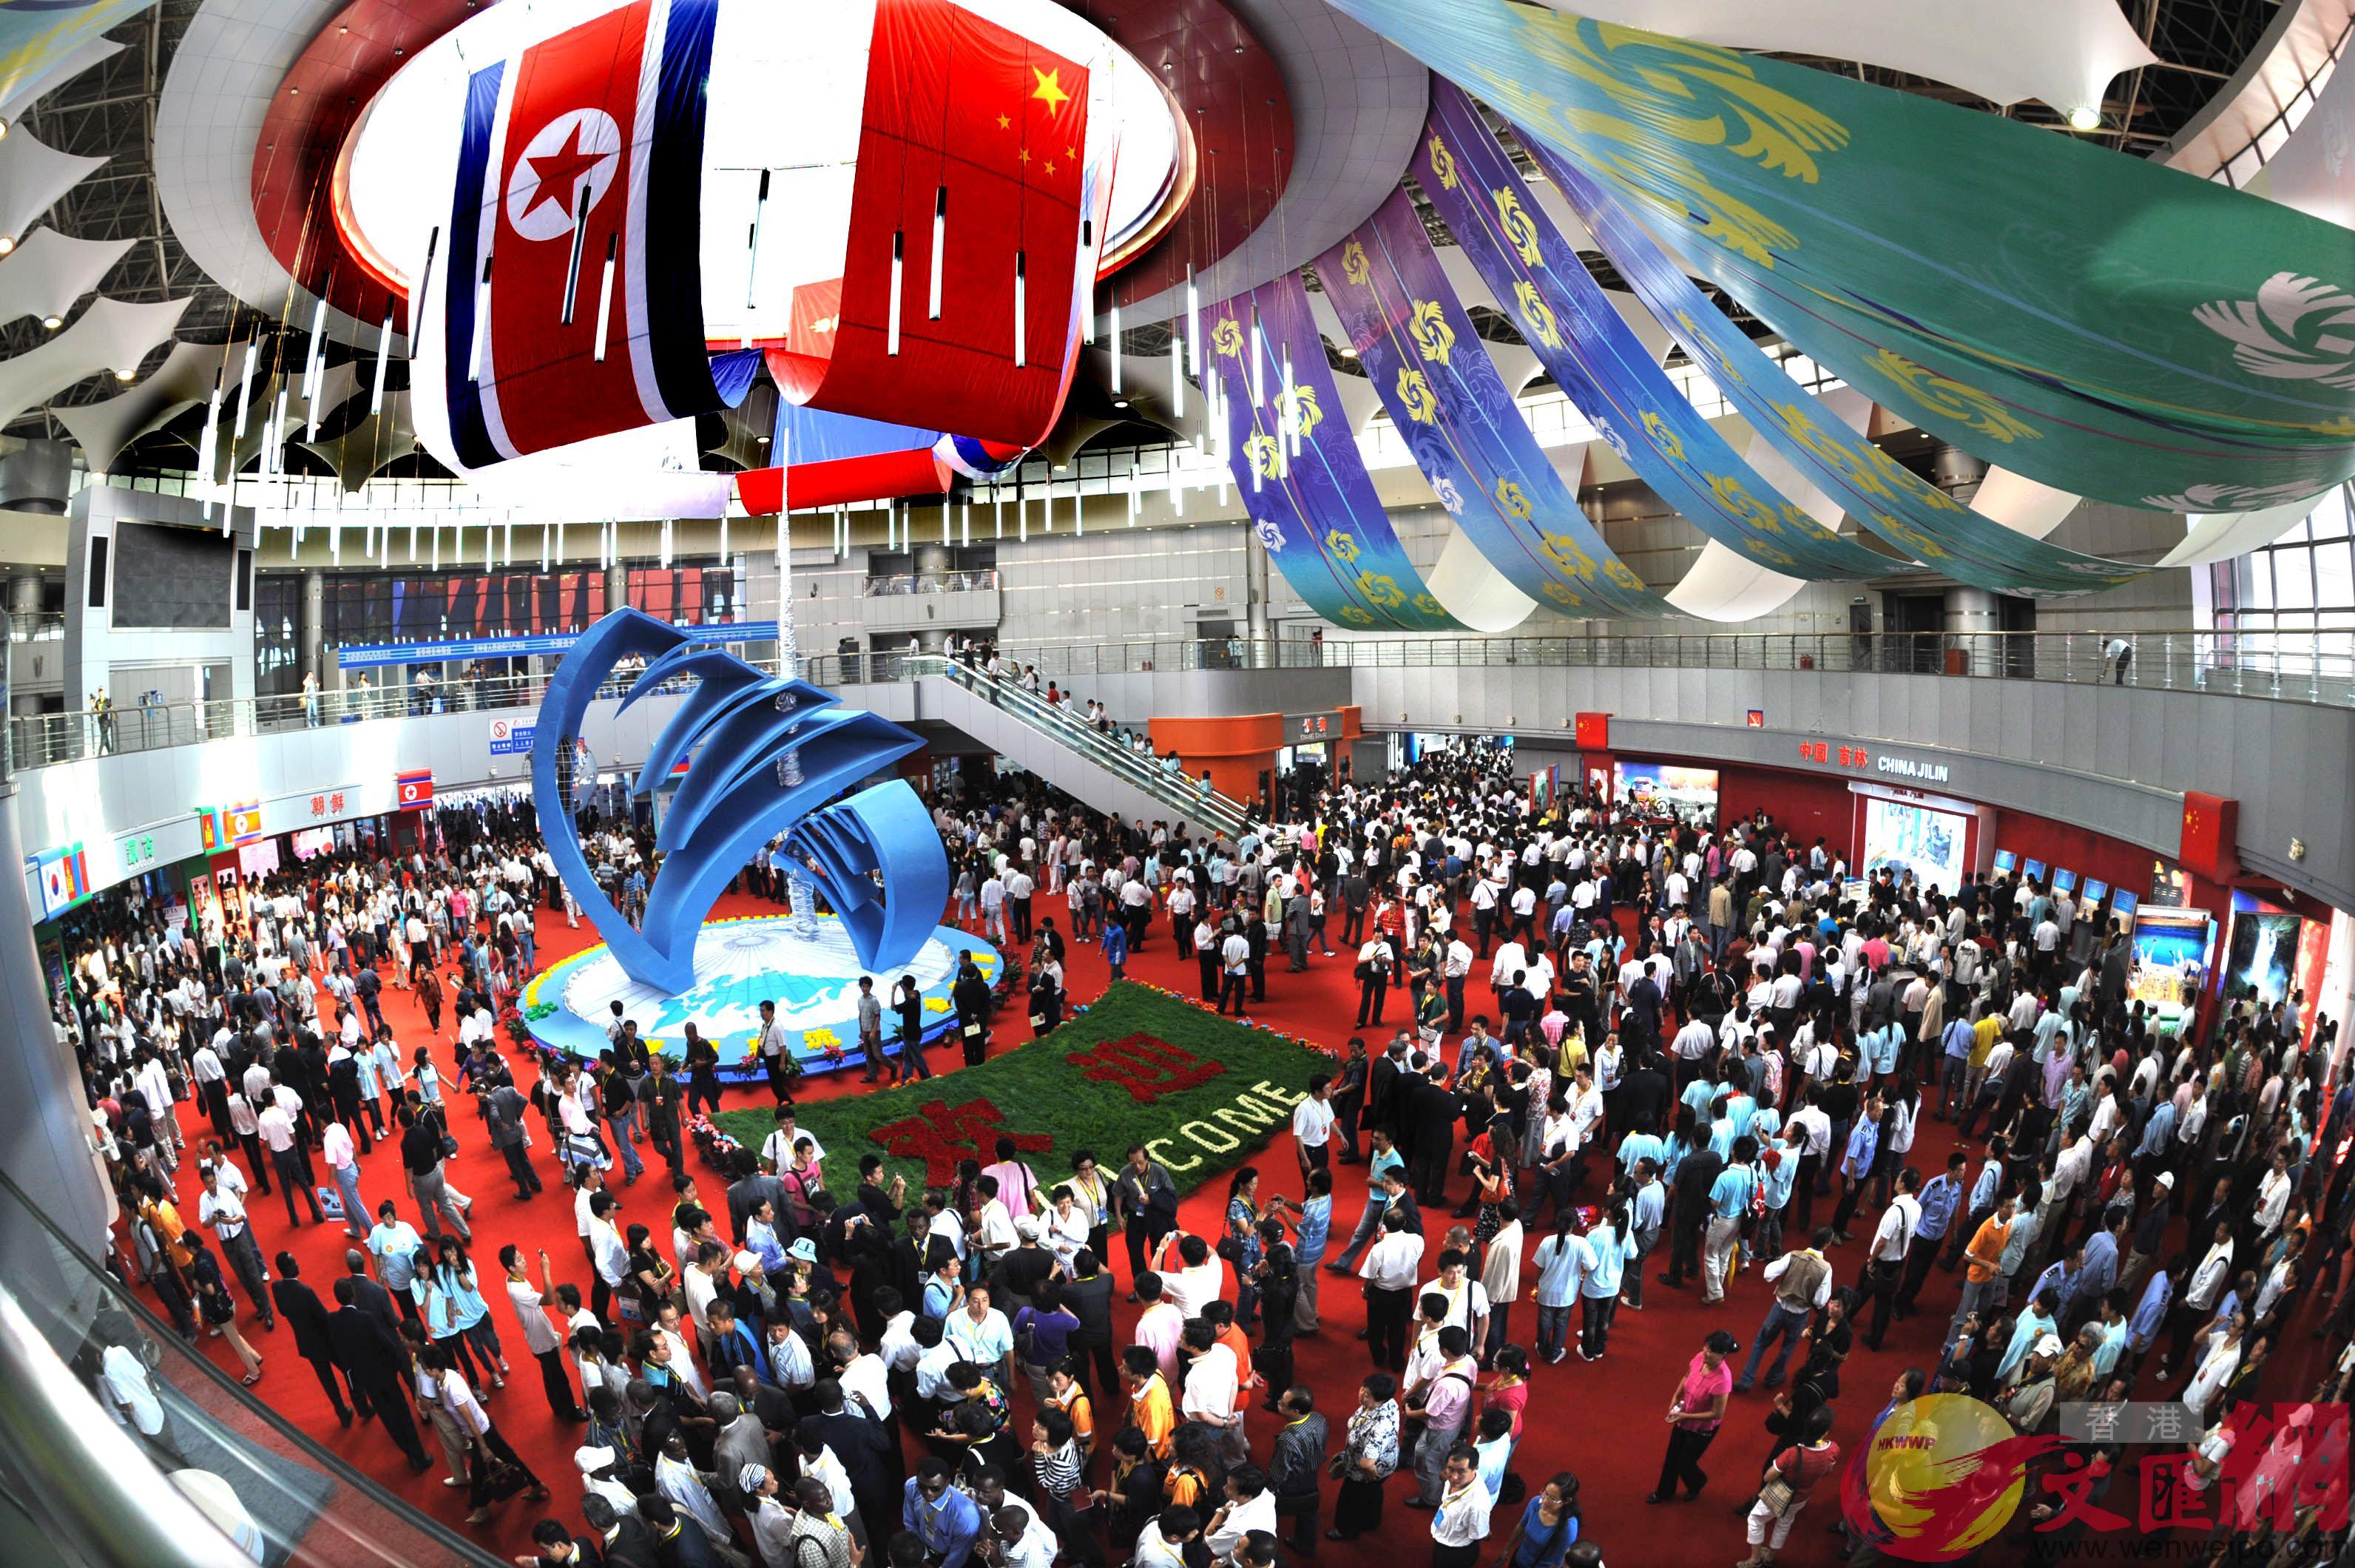 中國—東北亞博覽會已經發展成為東北亞區域經貿文化交流合作的重要平台